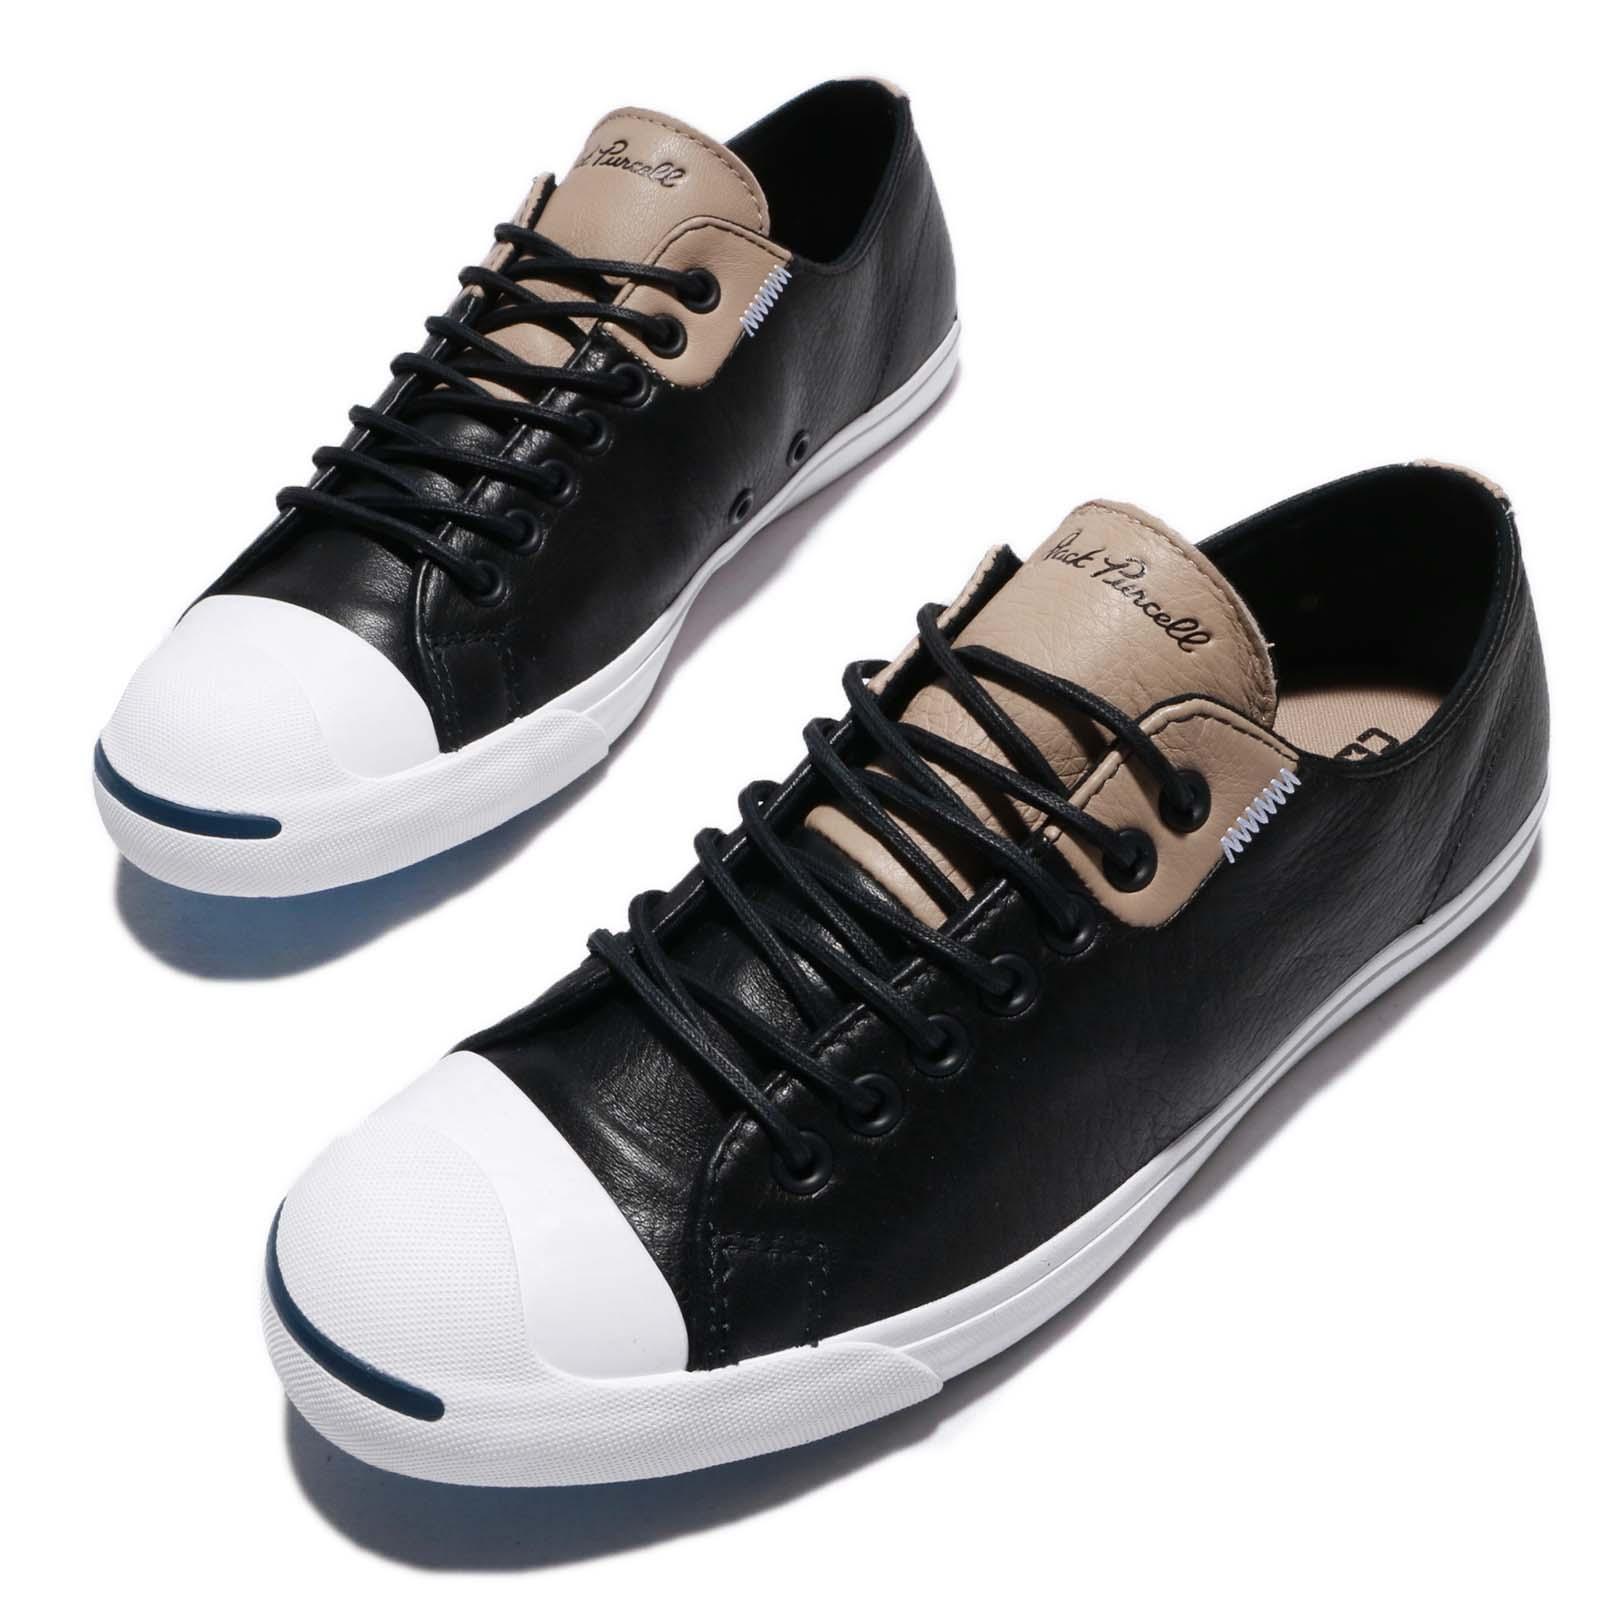 281a1f6fb748 Details about Converse Jack Purcell LP LS Leather Black Khaki White Men  Women Shoes 160205C